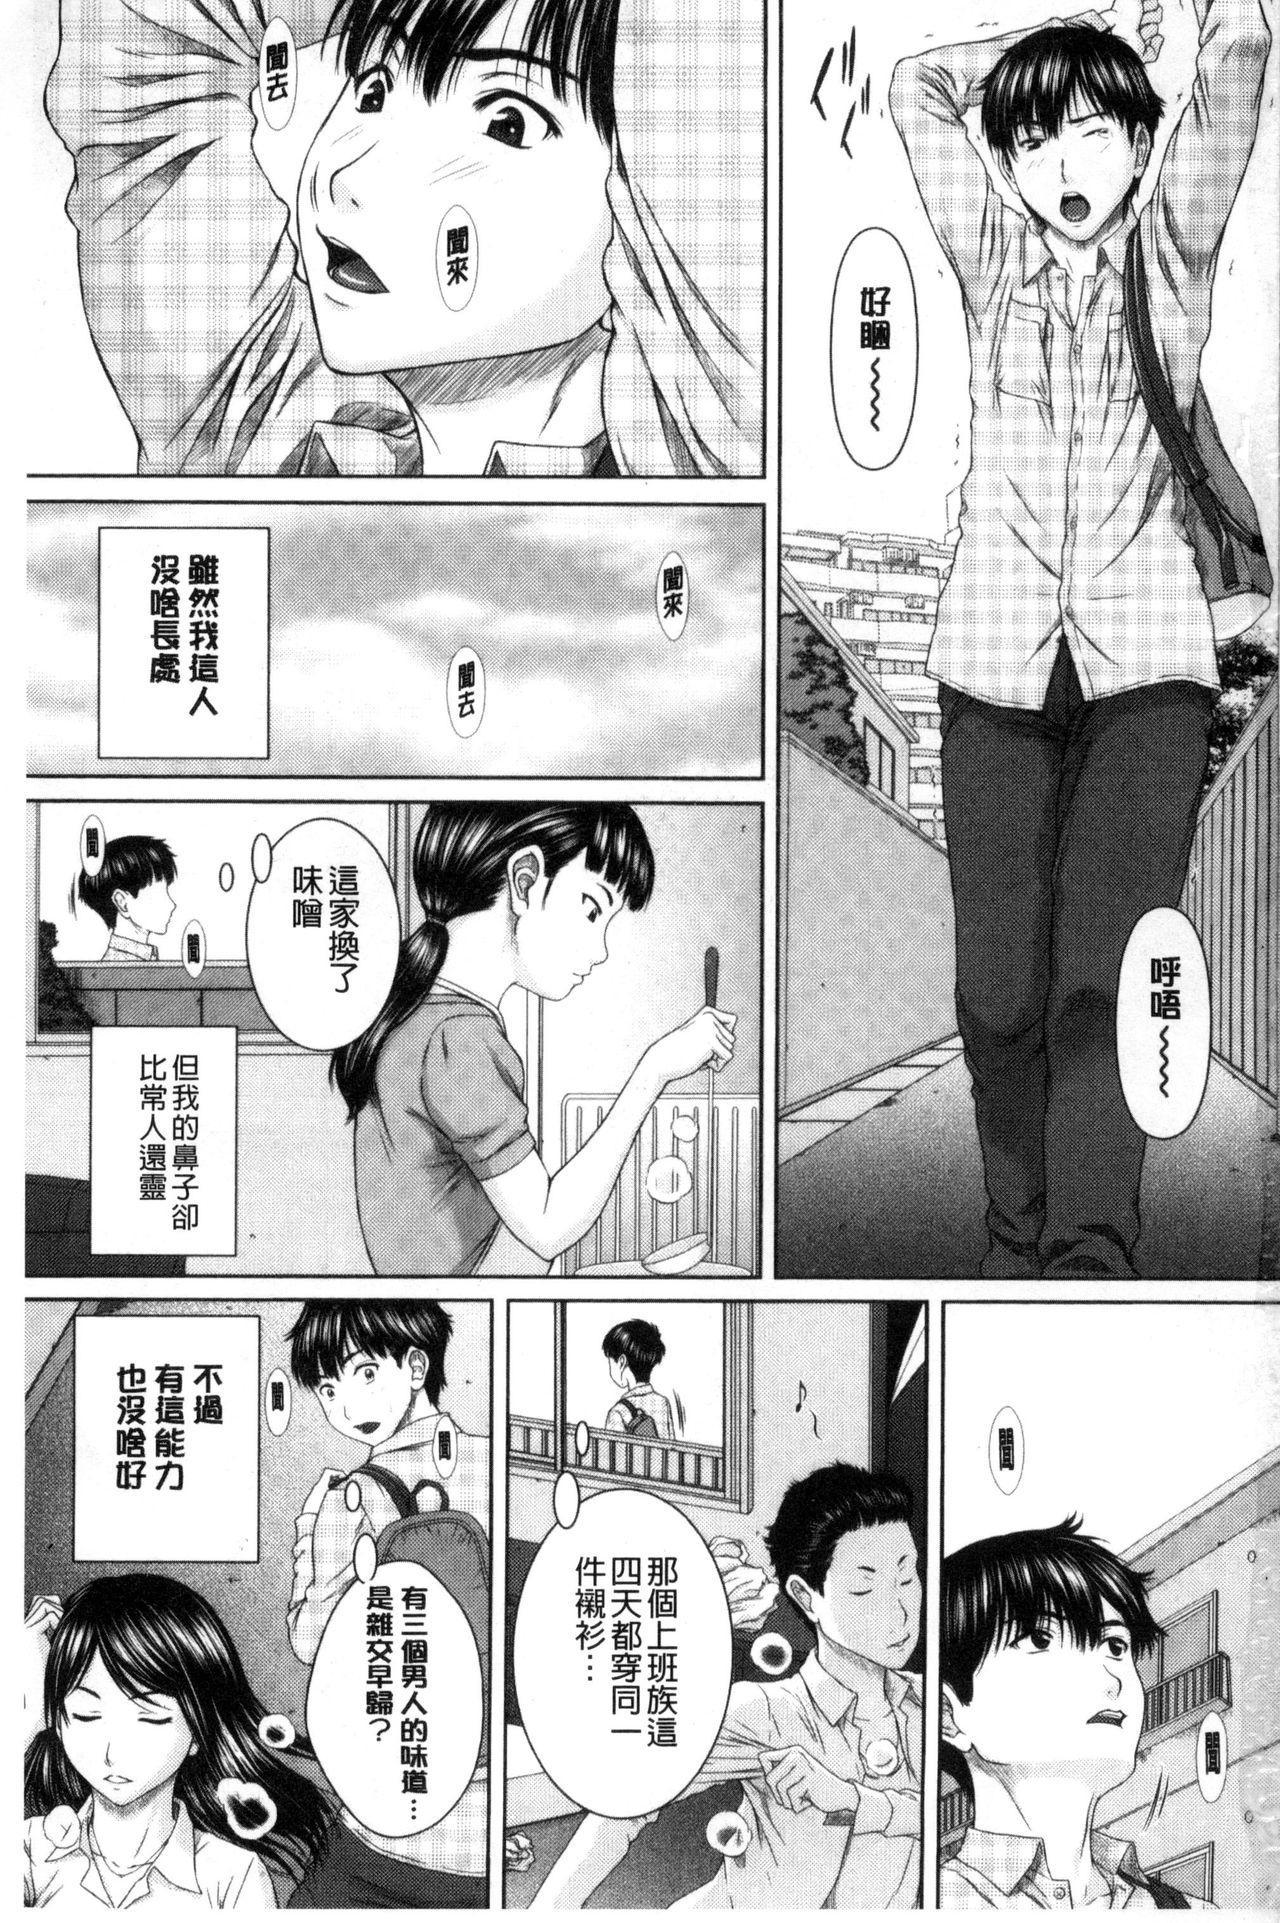 Mesukano Inbina Mesu Kanojotachi To No Hibi 1